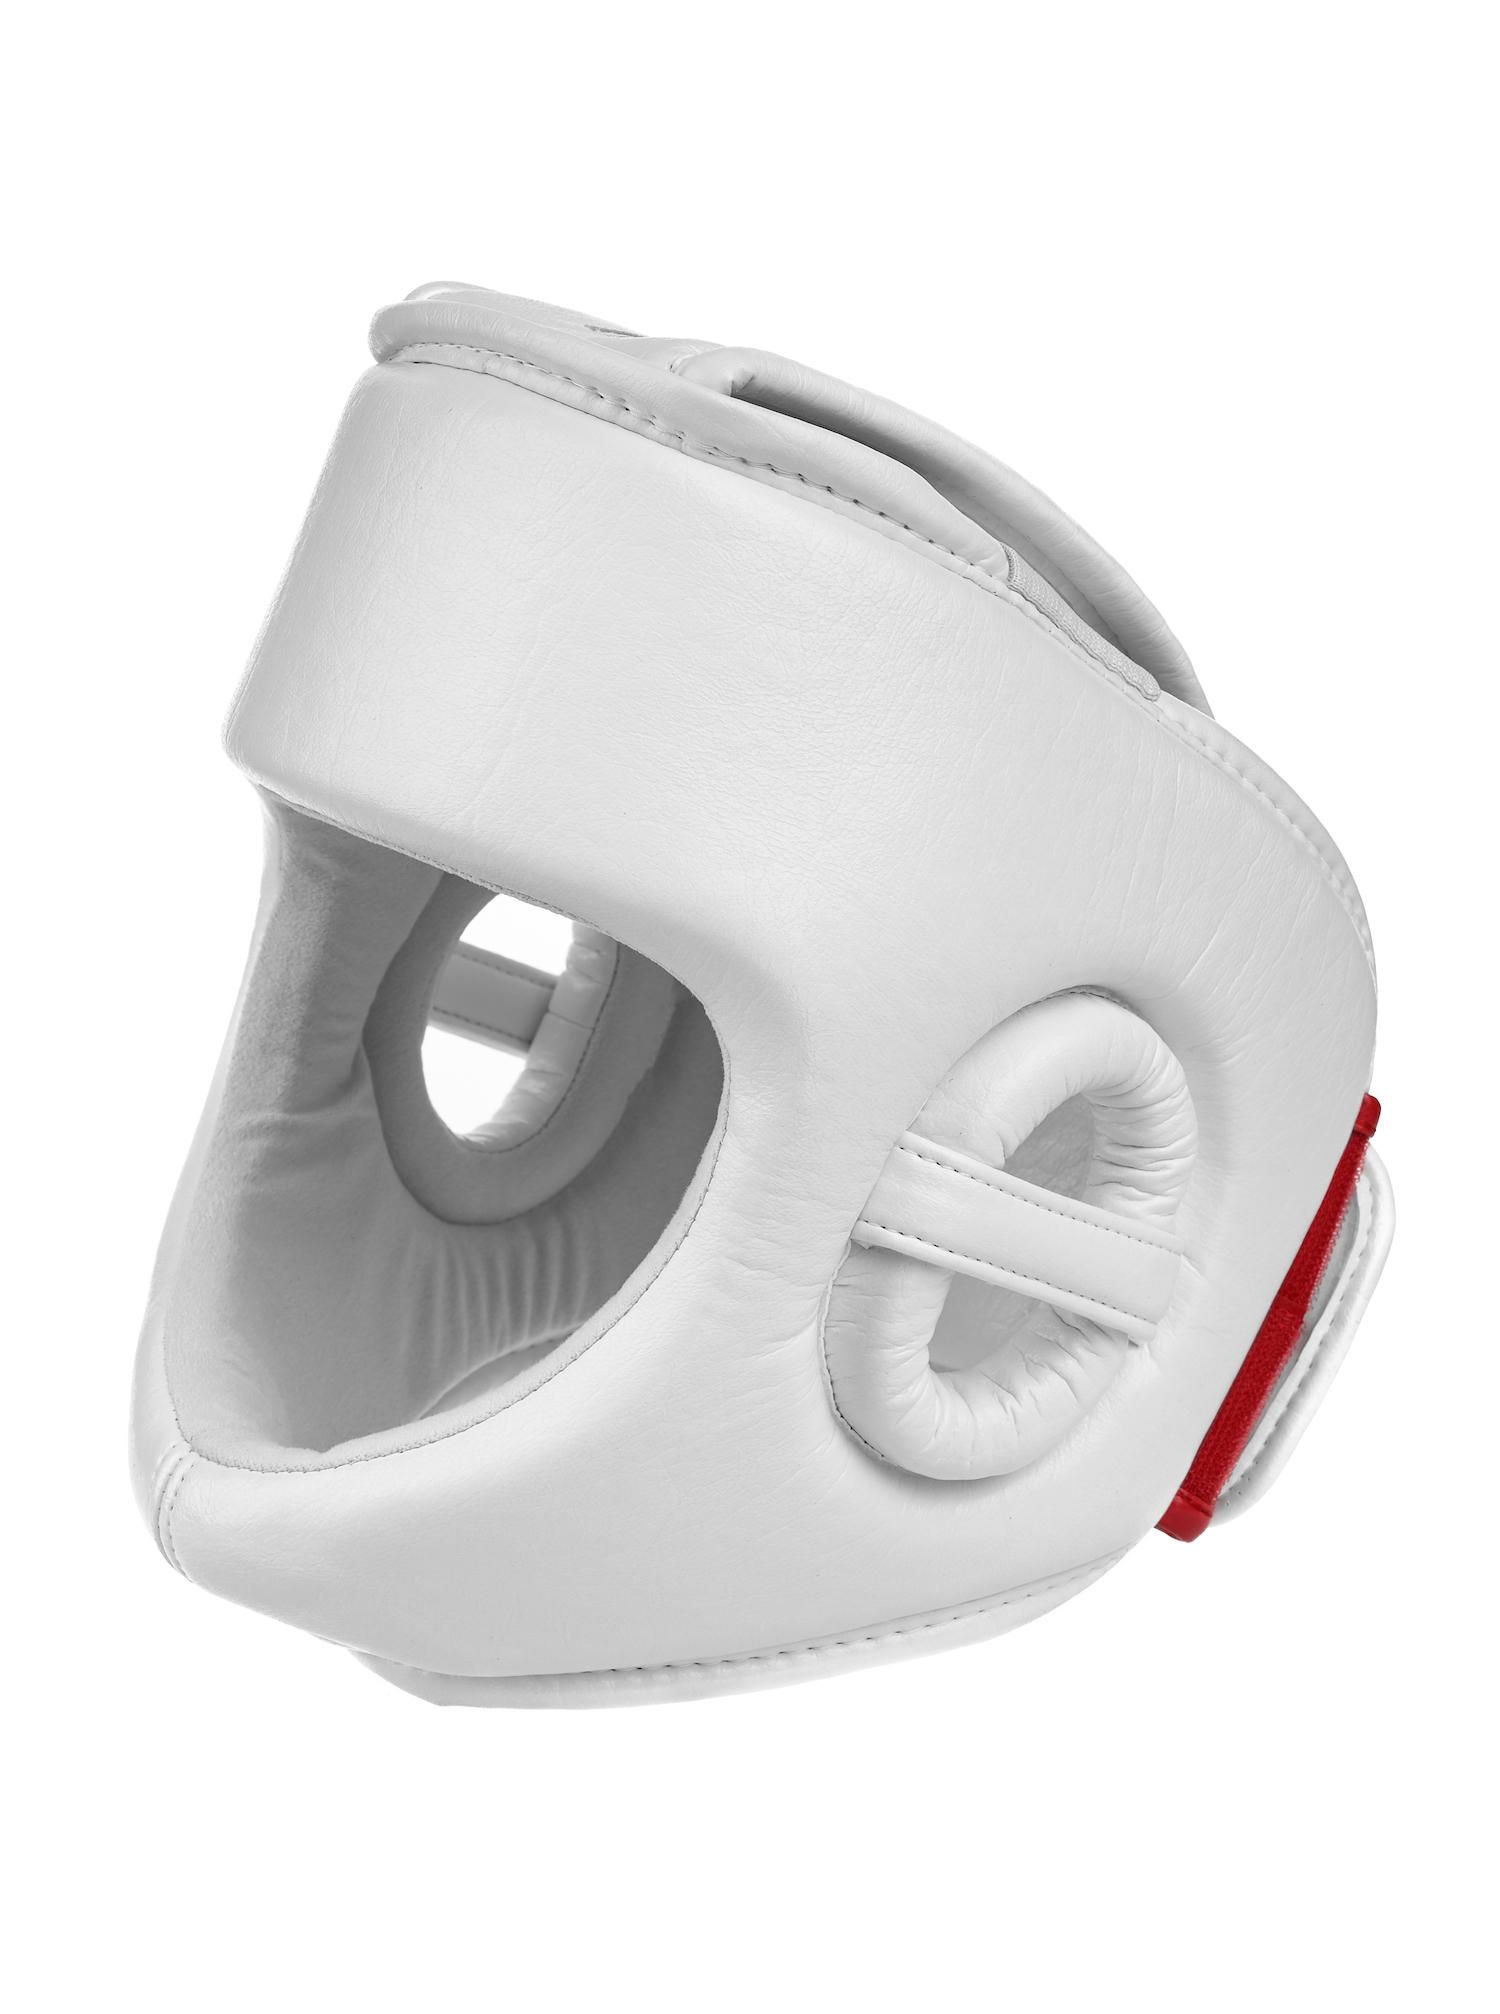 Шлемы Шлем BFS - Защита подбородка / Medium IP-8.jpg